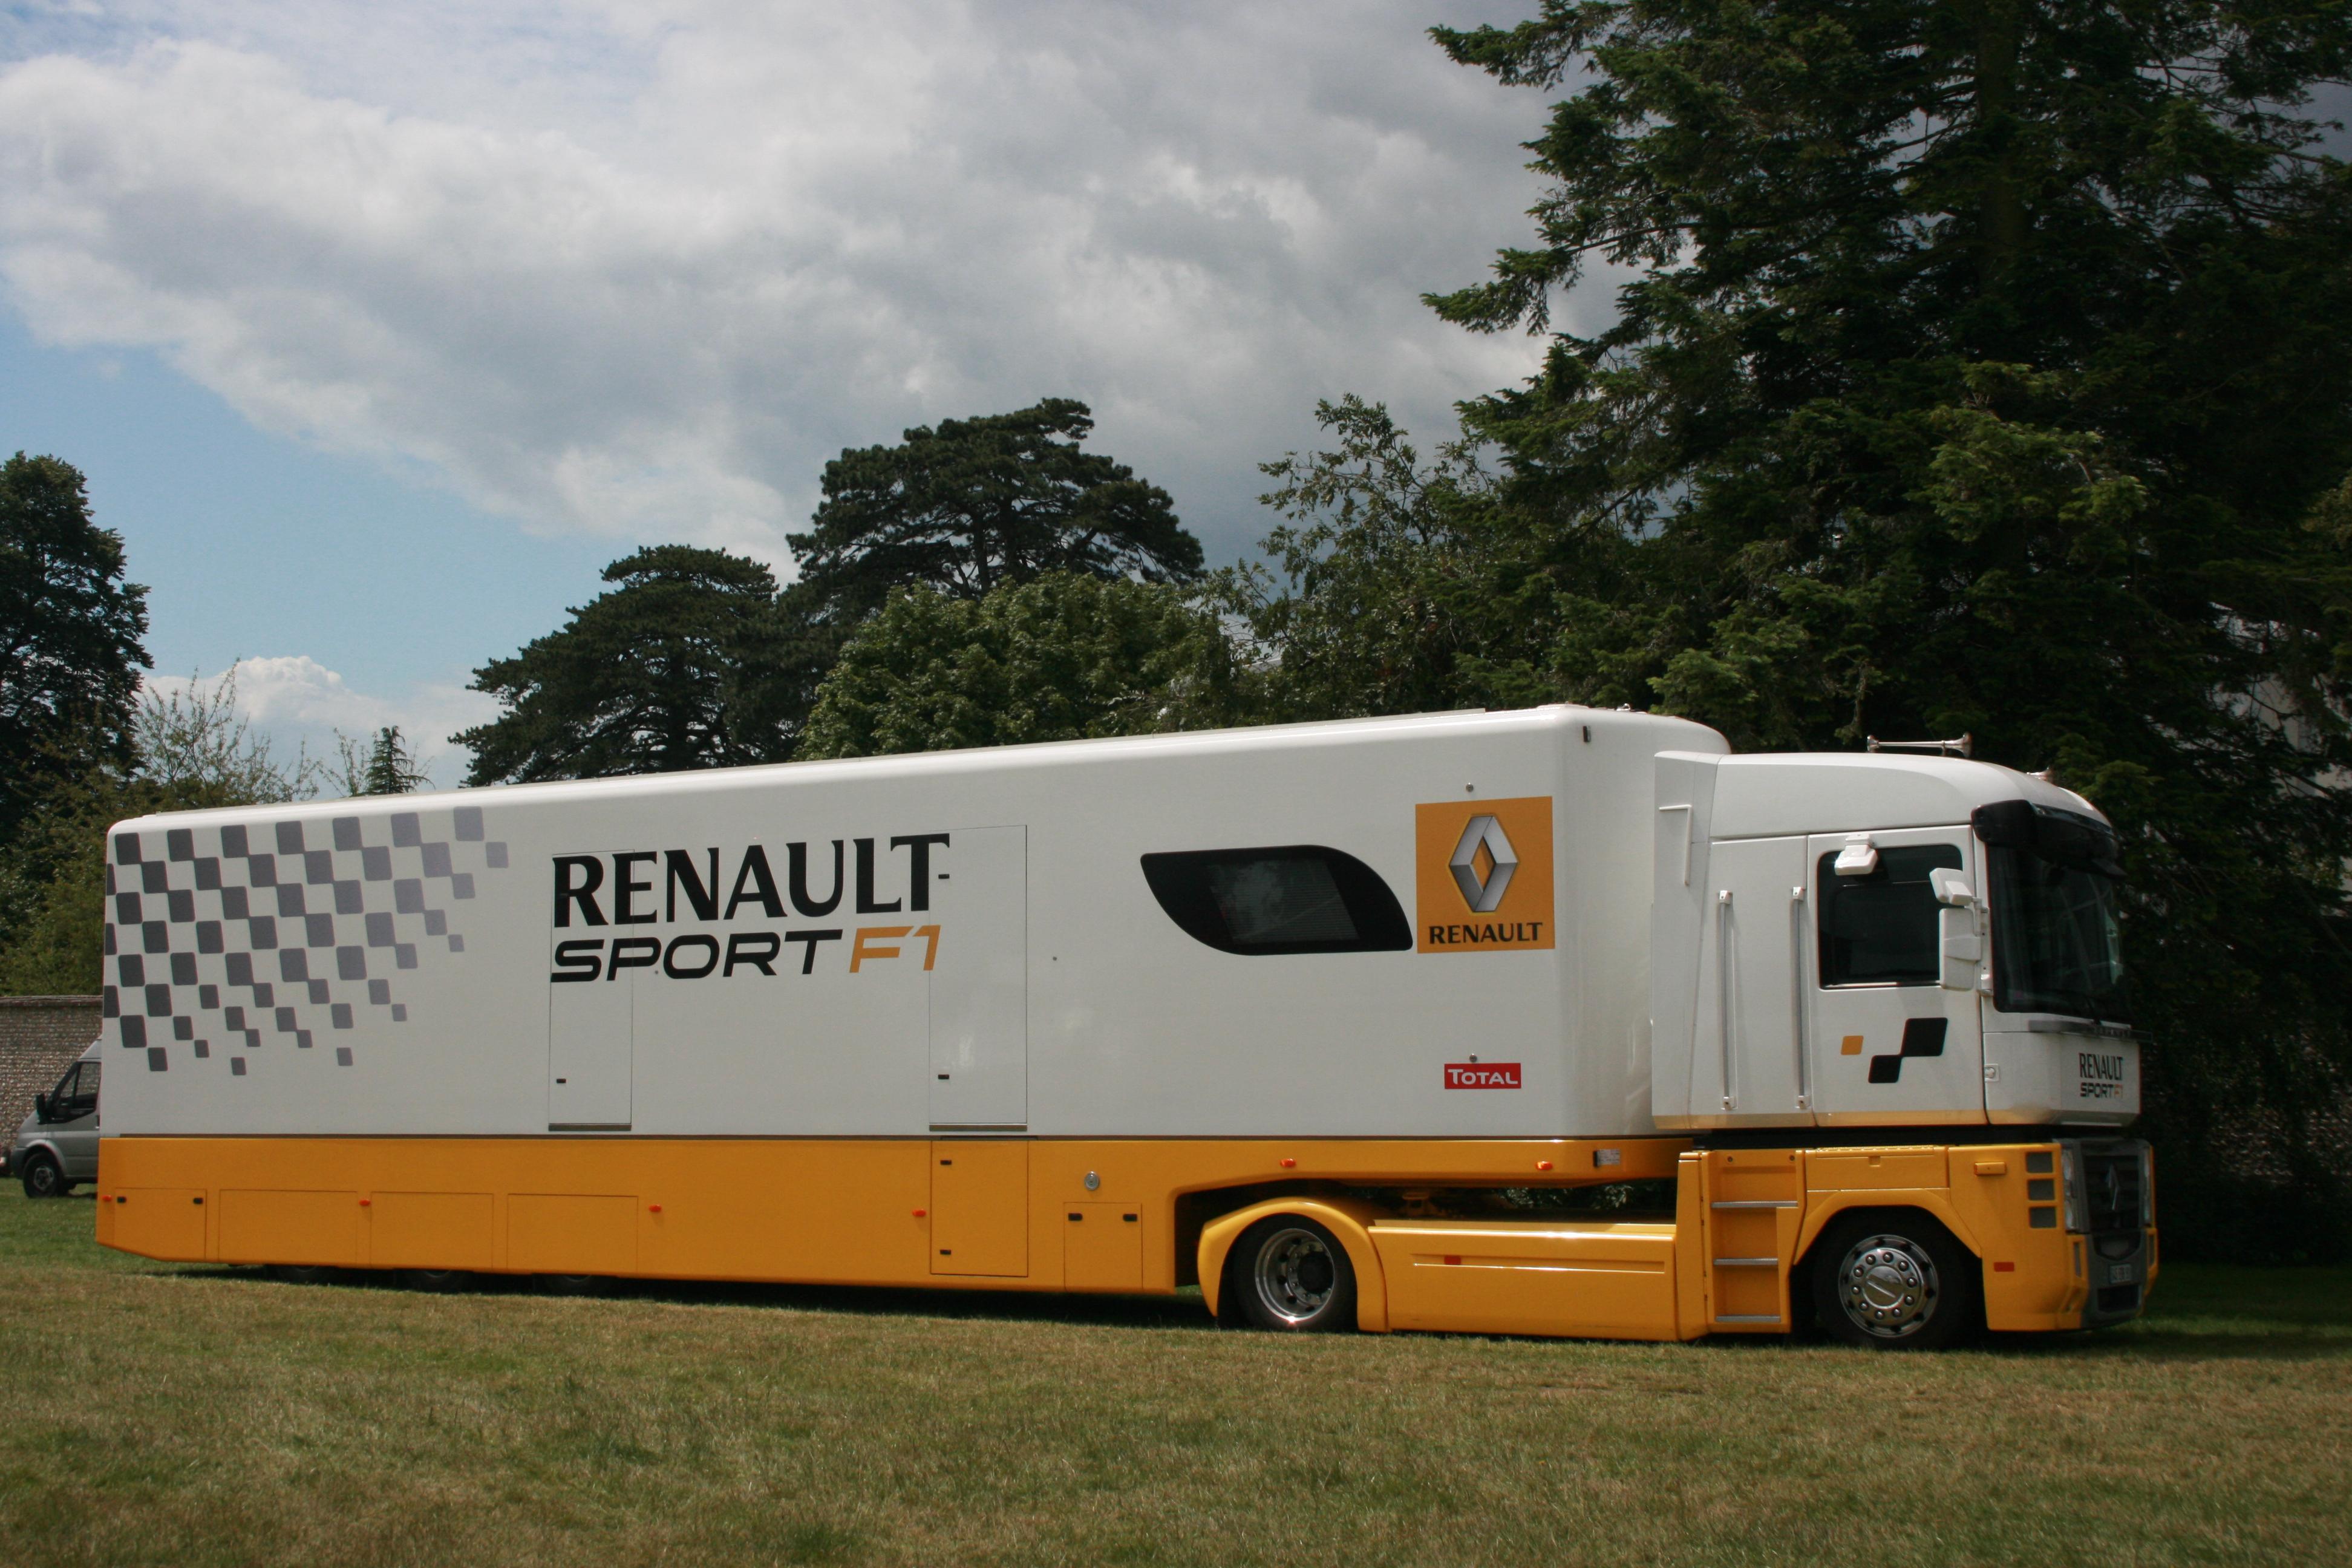 File Renault Sport F1 Transporter Flickr Supermac1961